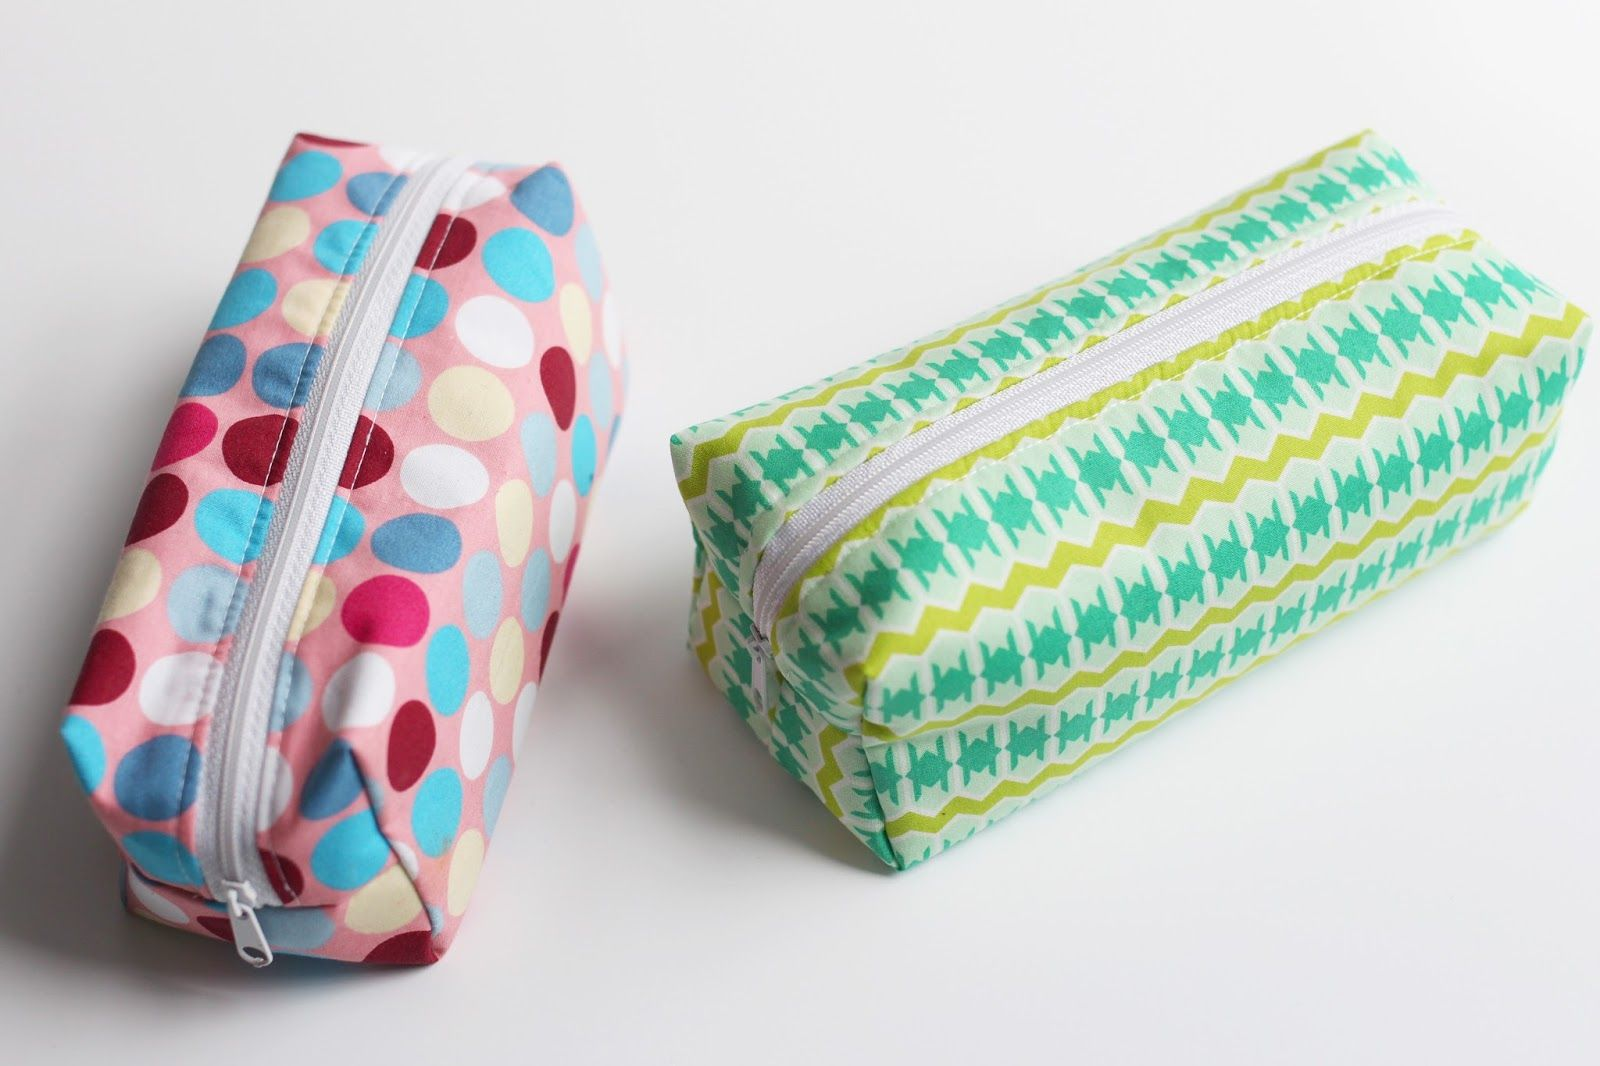 DIY - Tutorial Täschchen nähen | clutch cosmetic bag tutorial ...